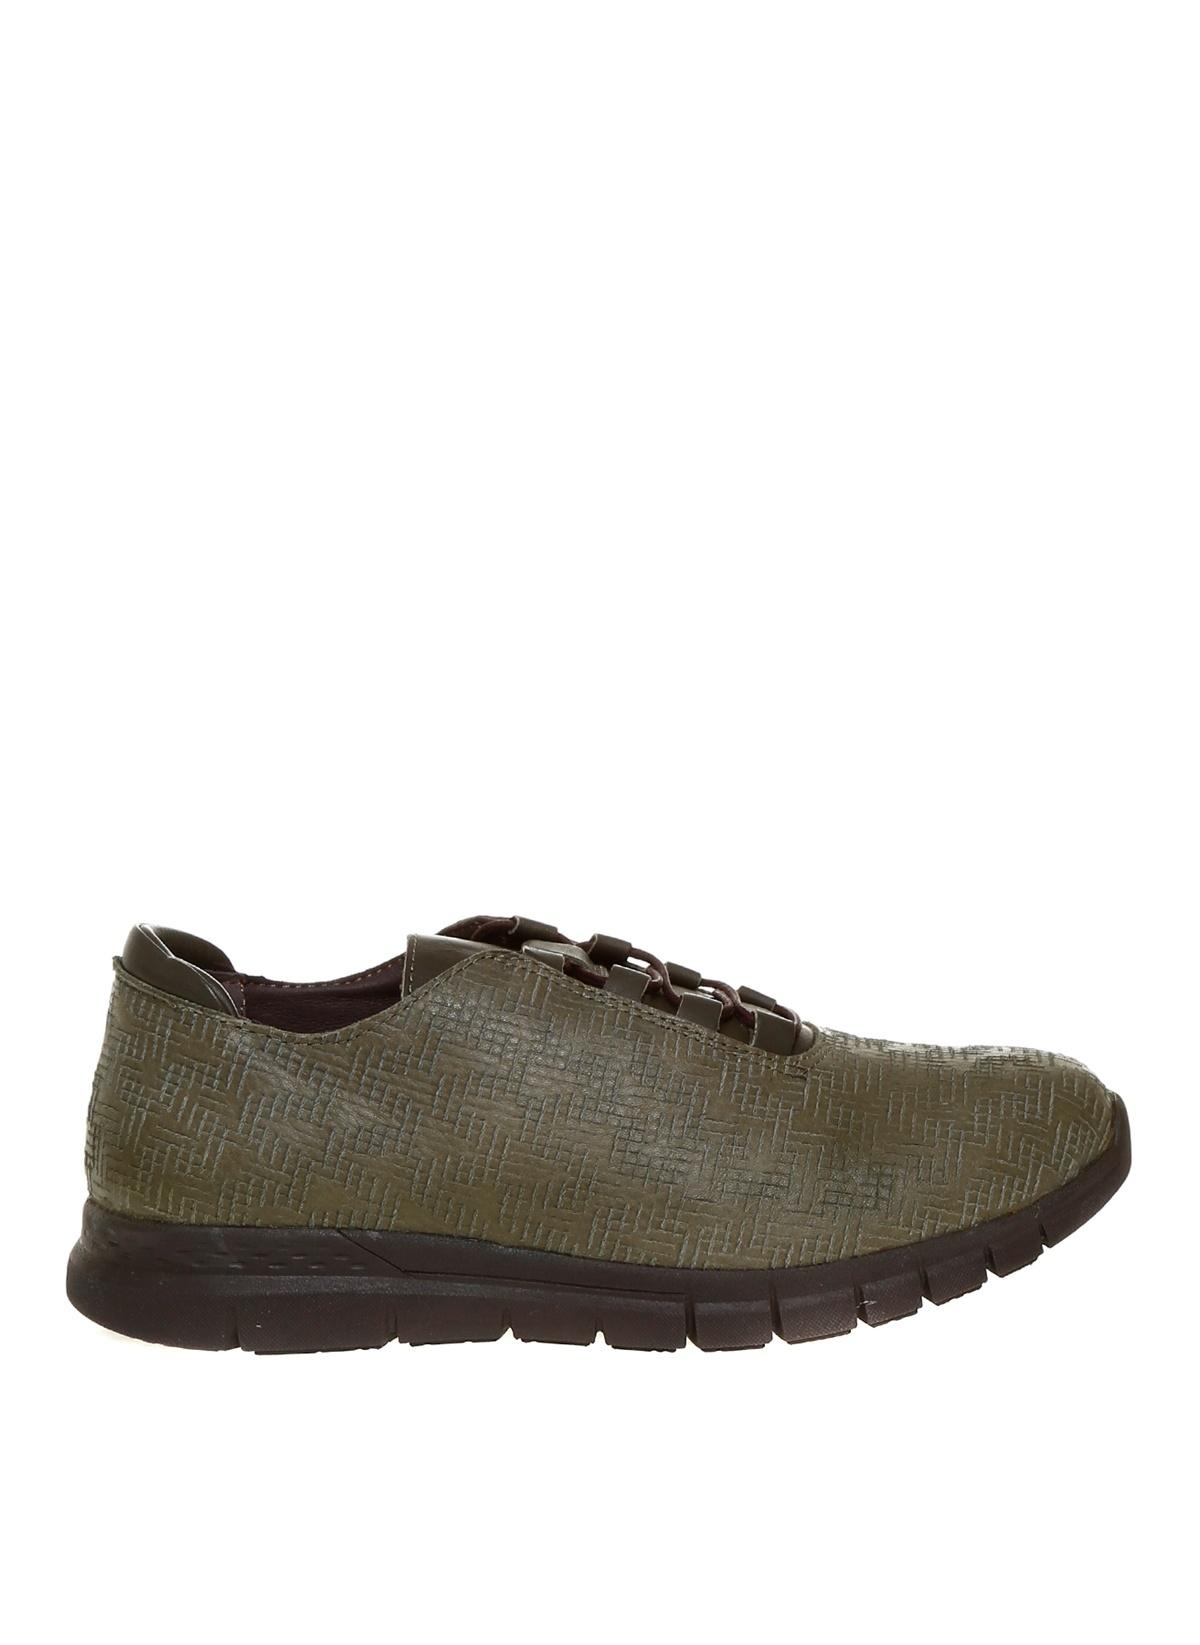 Penford Ayakkabı 28-chester Penford Koşu Ayakkabısı – 197.99 TL